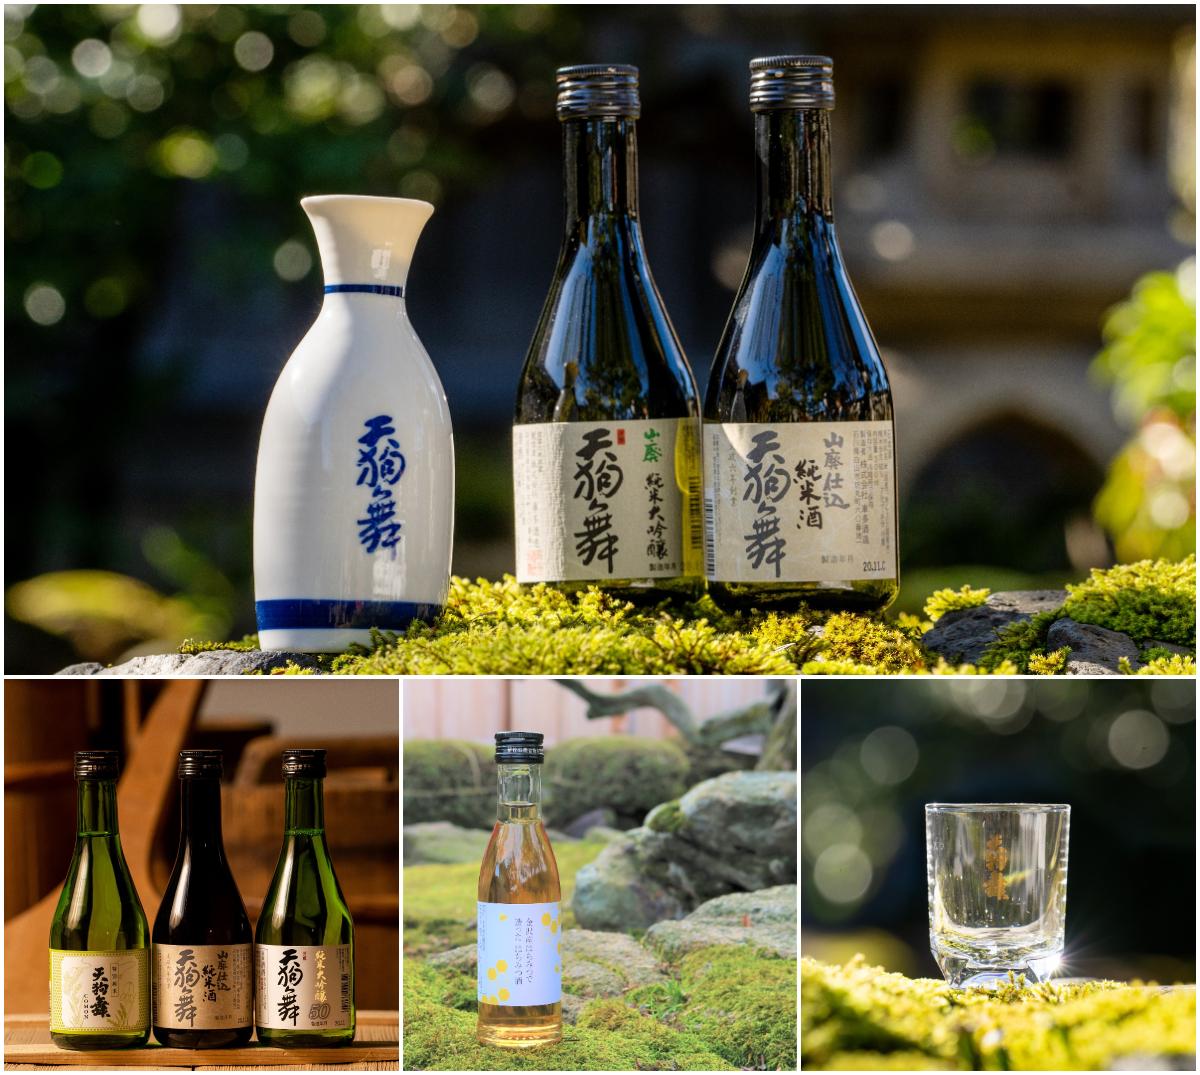 おうち時間を格上げ! 世界の品評会で認められた日本酒「天狗舞」をお取り寄せ。